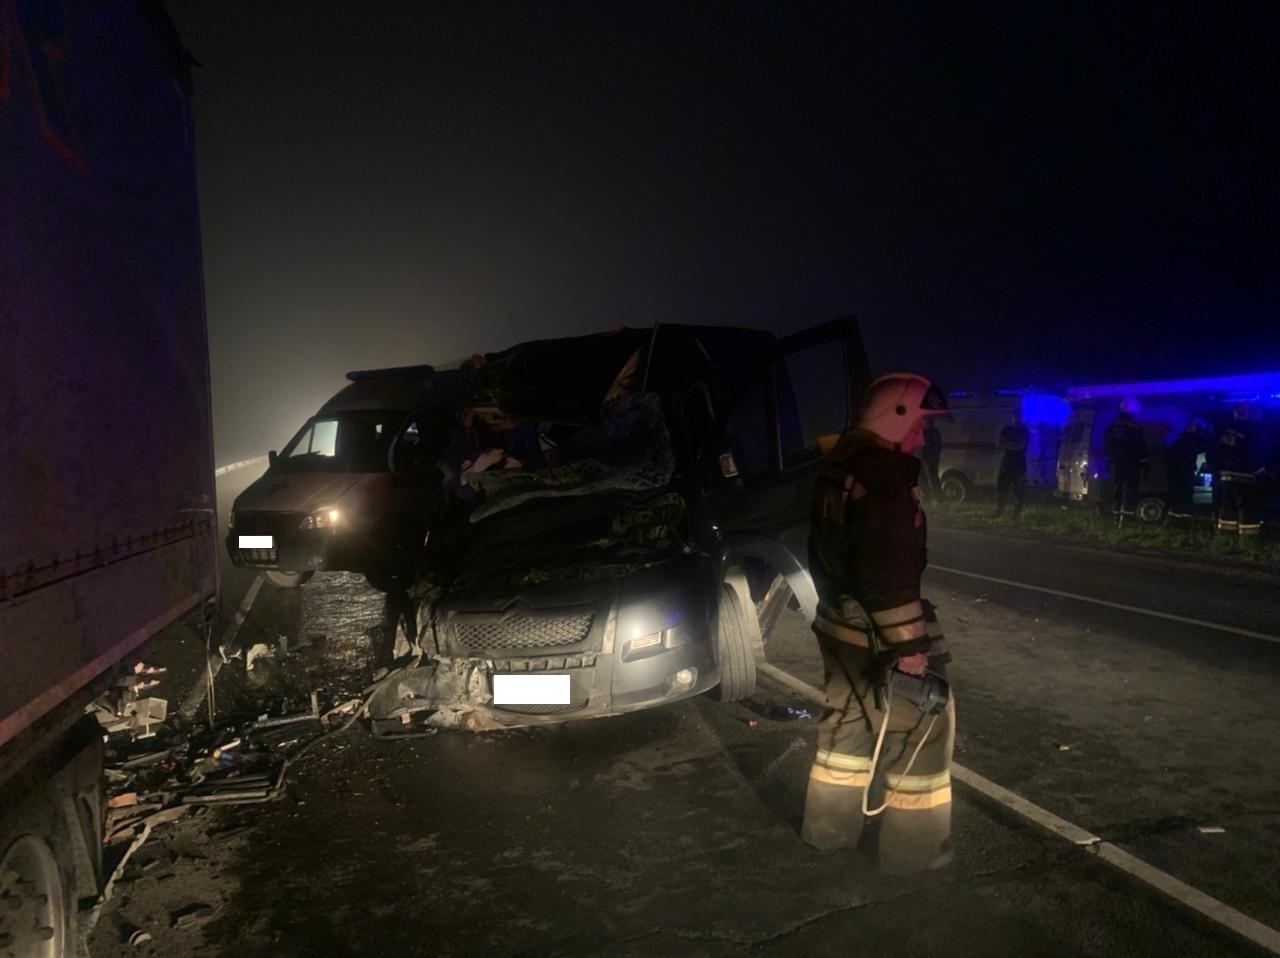 Один человек погиб и восемь пострадали в страшном ДТП с микроавтобусом и грузовиком под Тулой